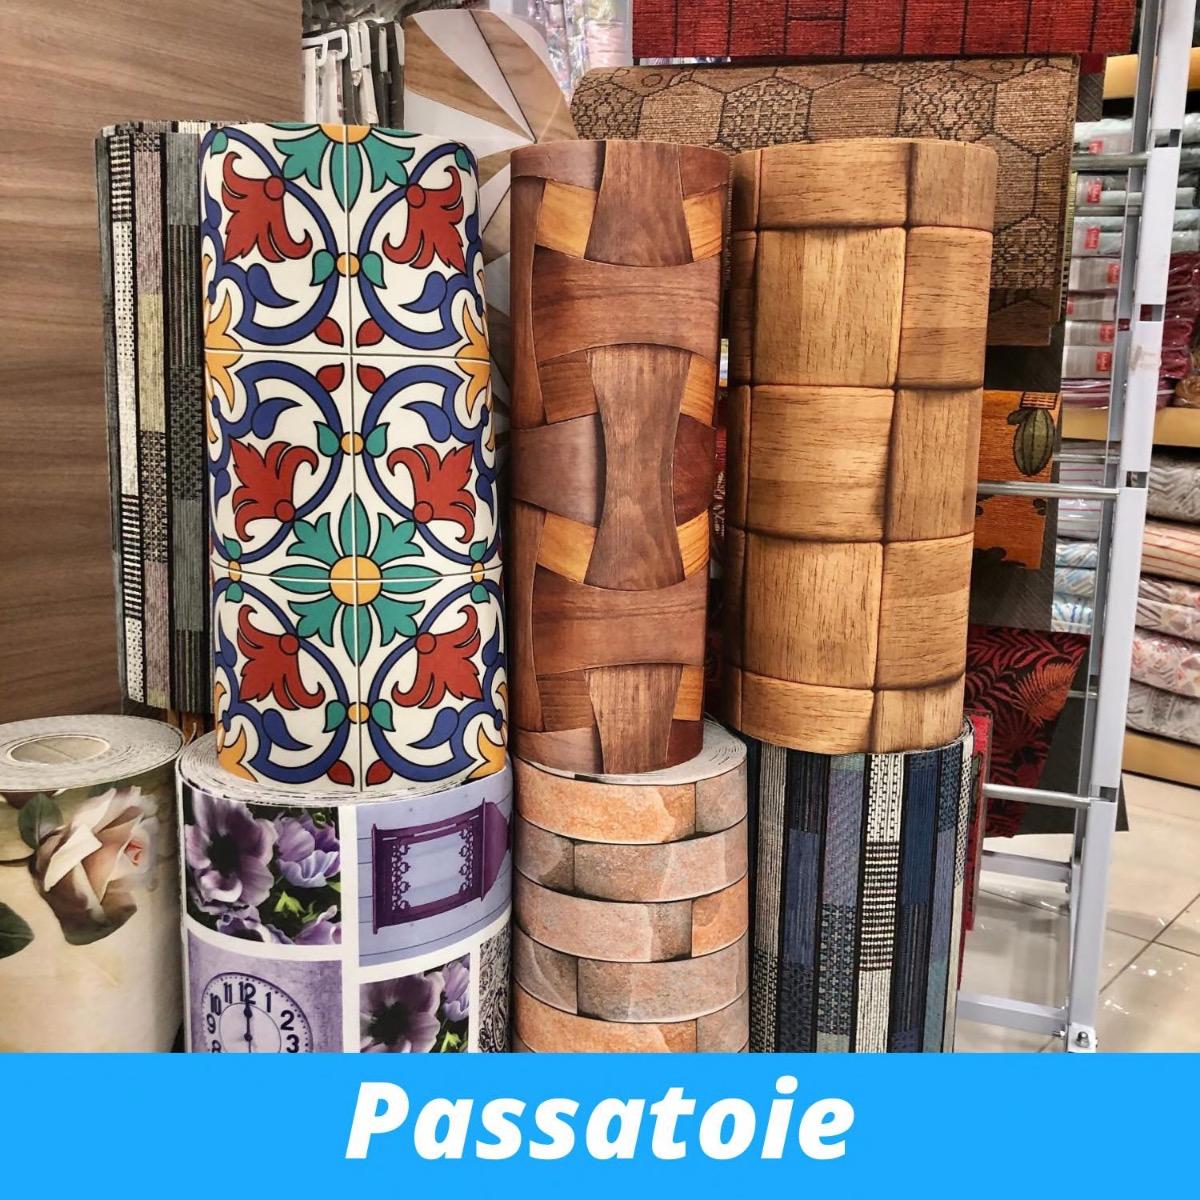 PASSATOIE